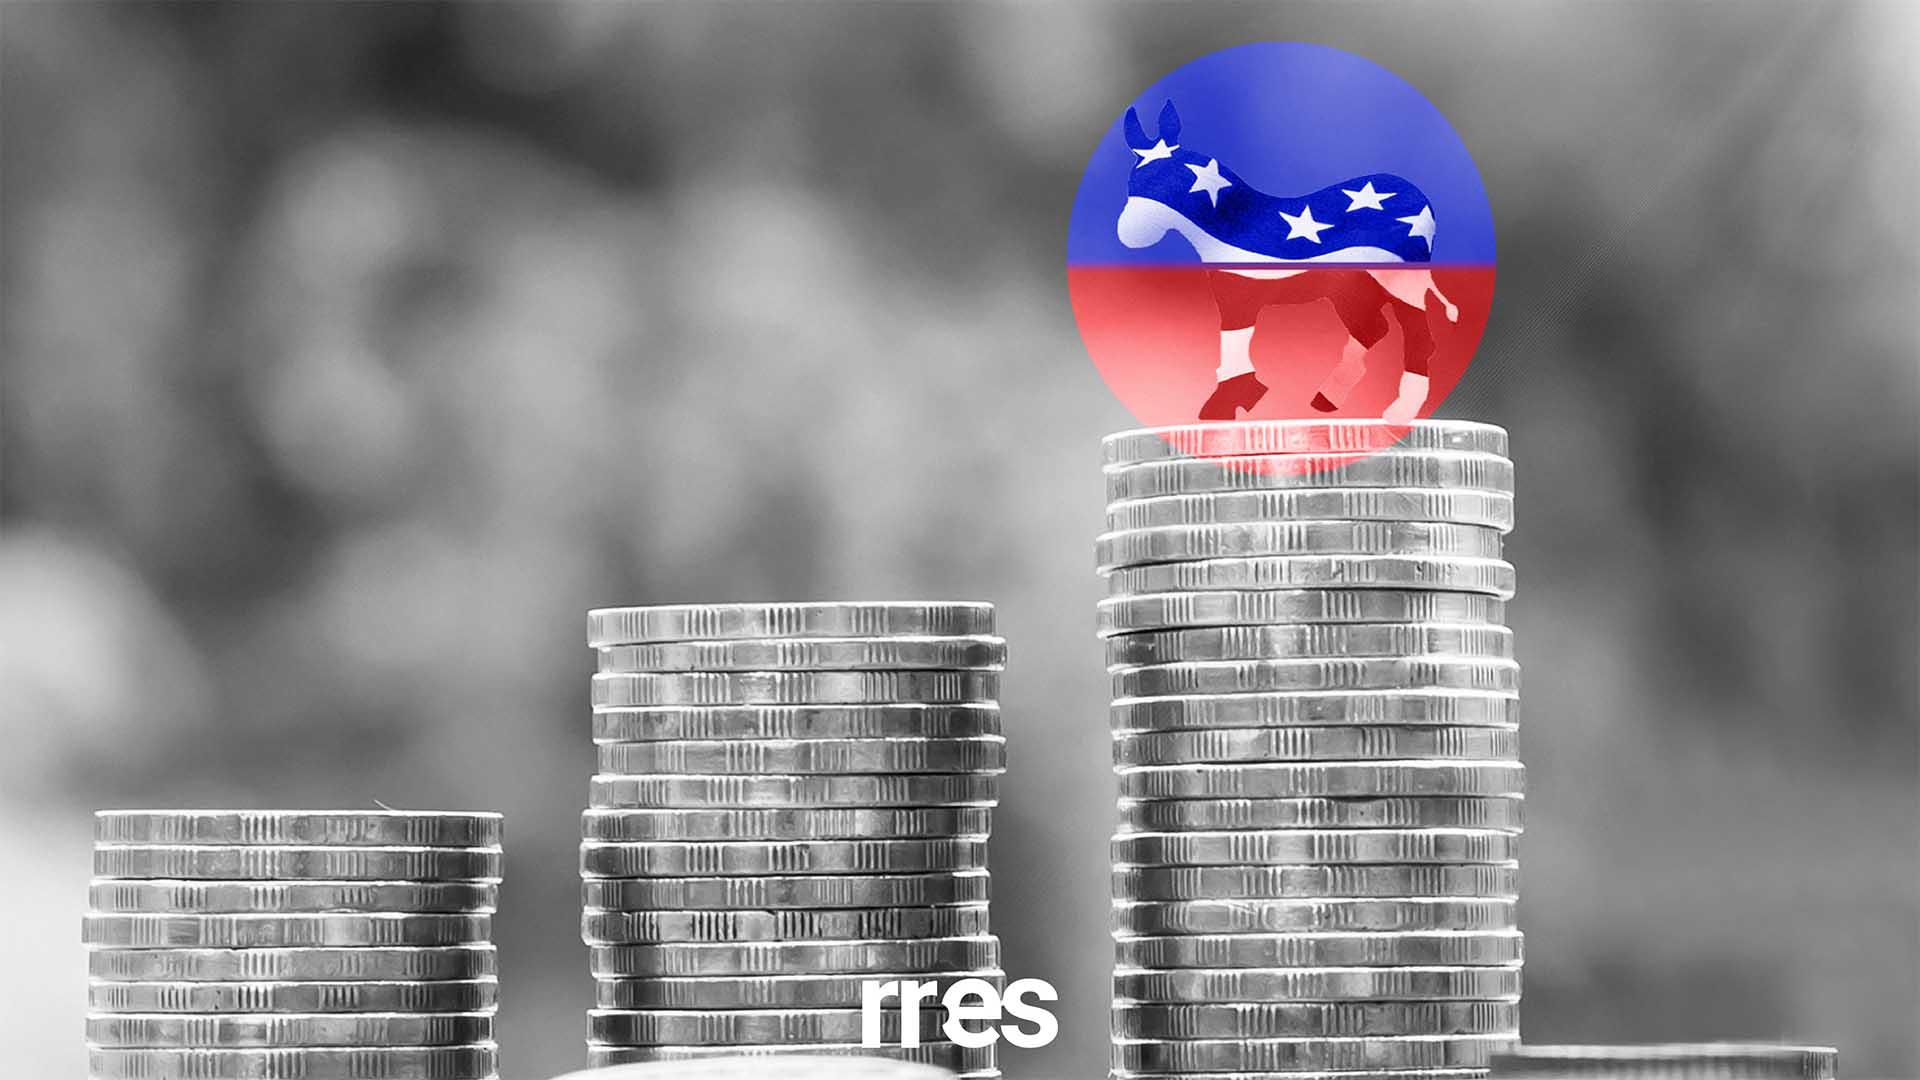 Hechos: el partido demócrata maneja mejor la economía de los EE. UU., por Leopoldo Martínez Nucete*